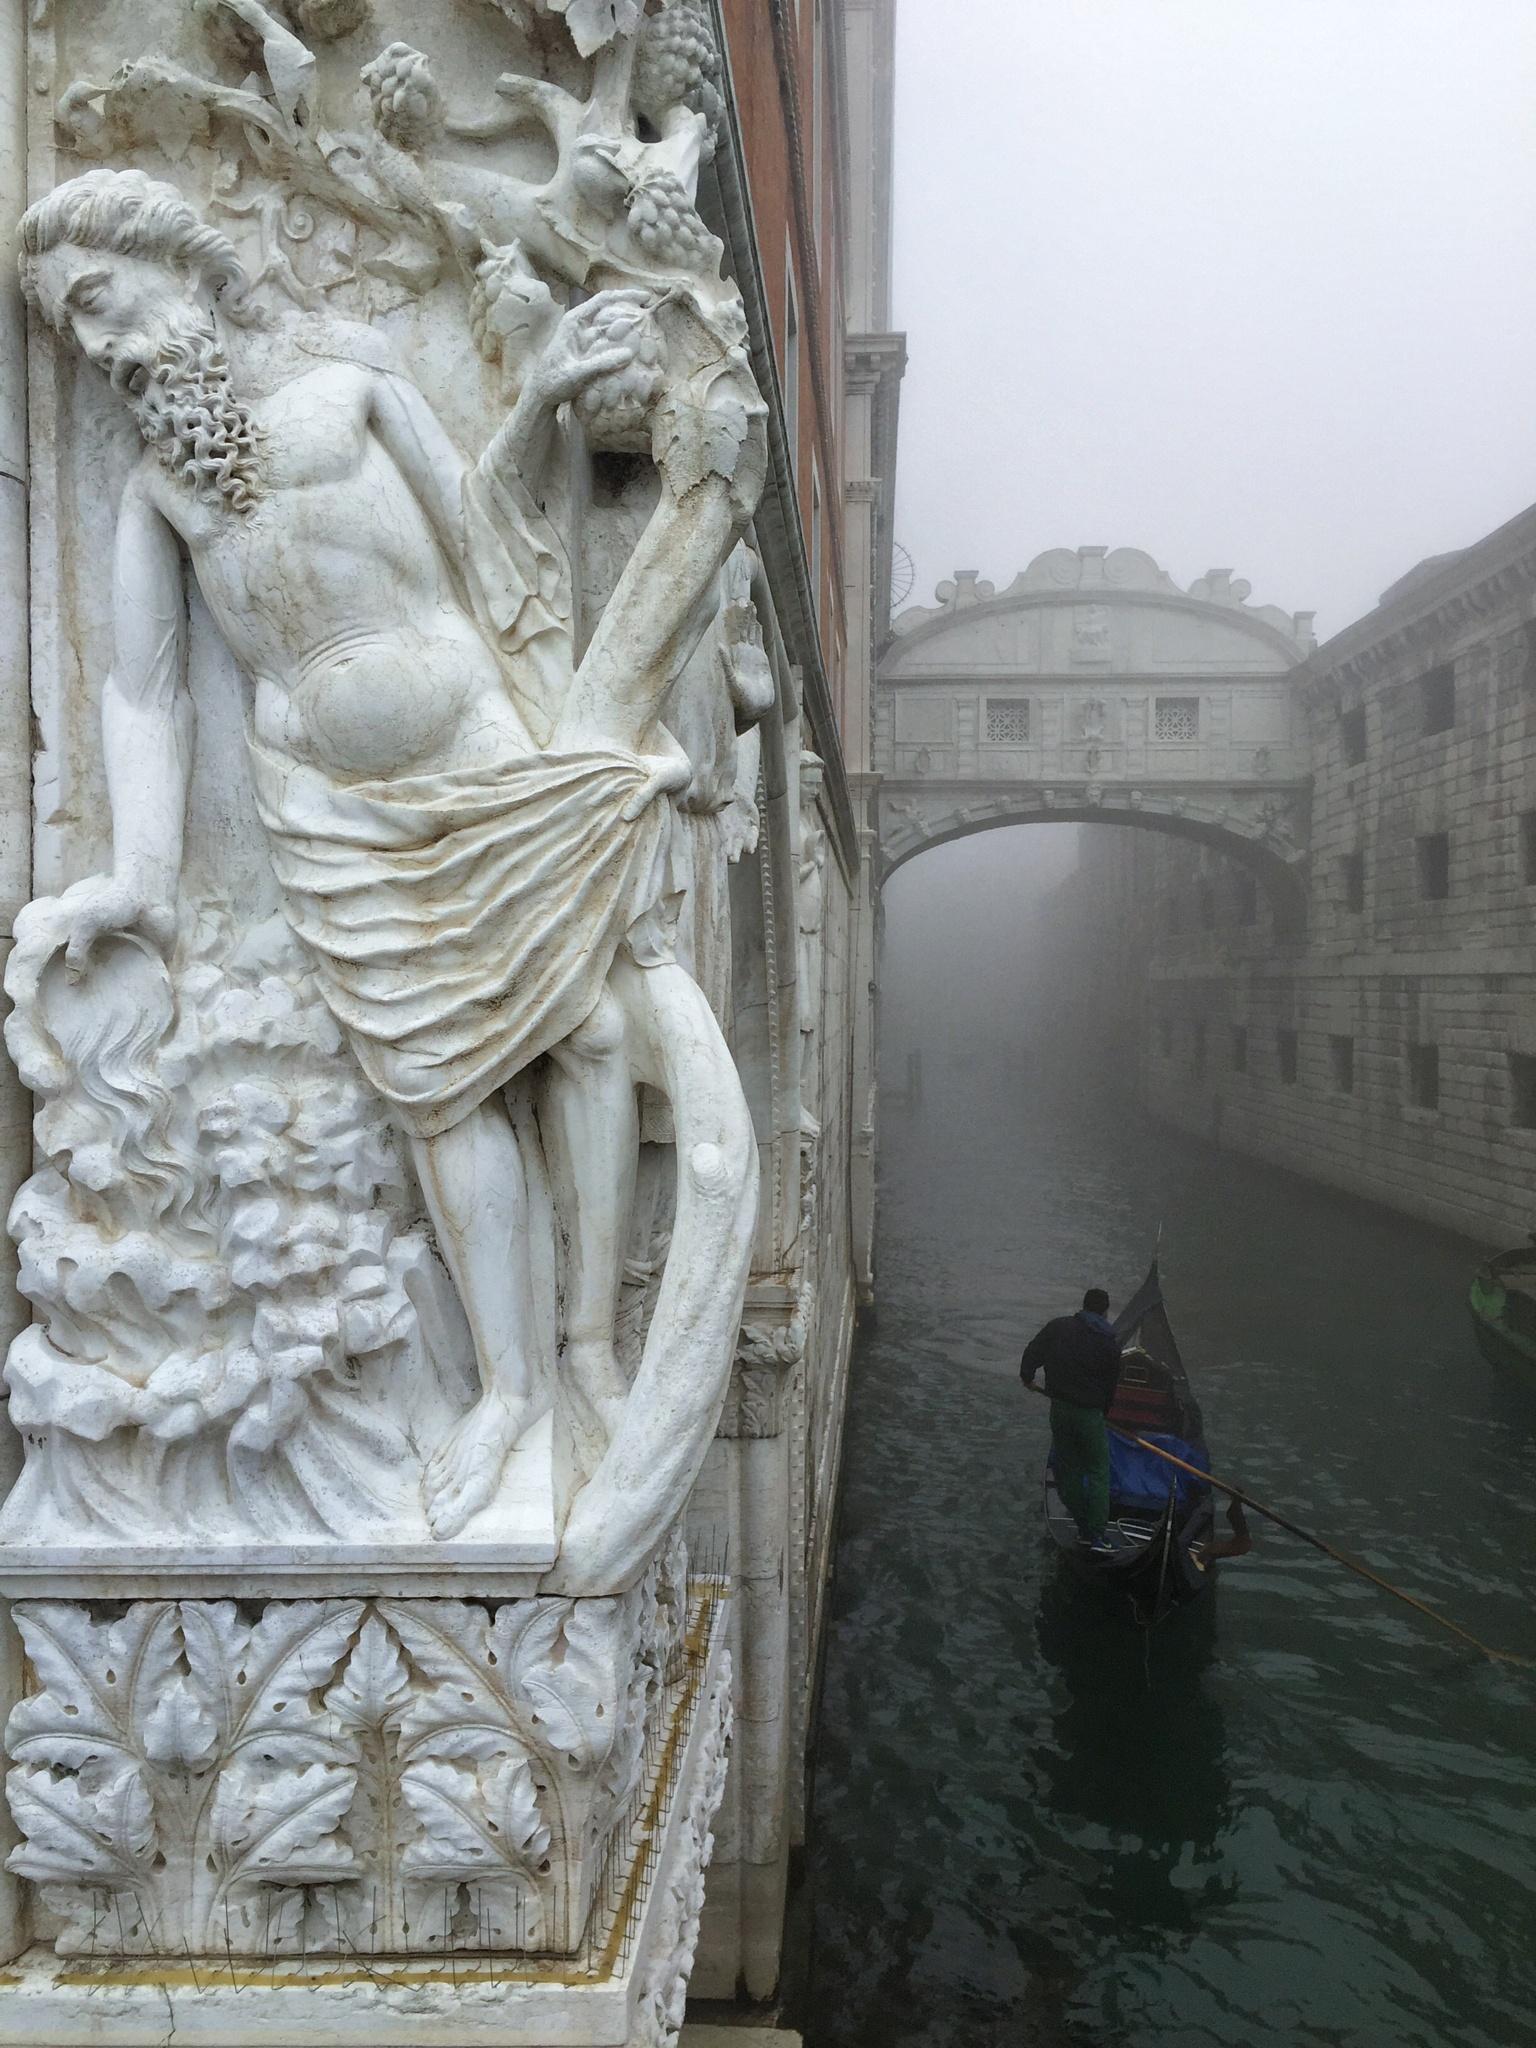 Venezia in the fog by jozseftoth